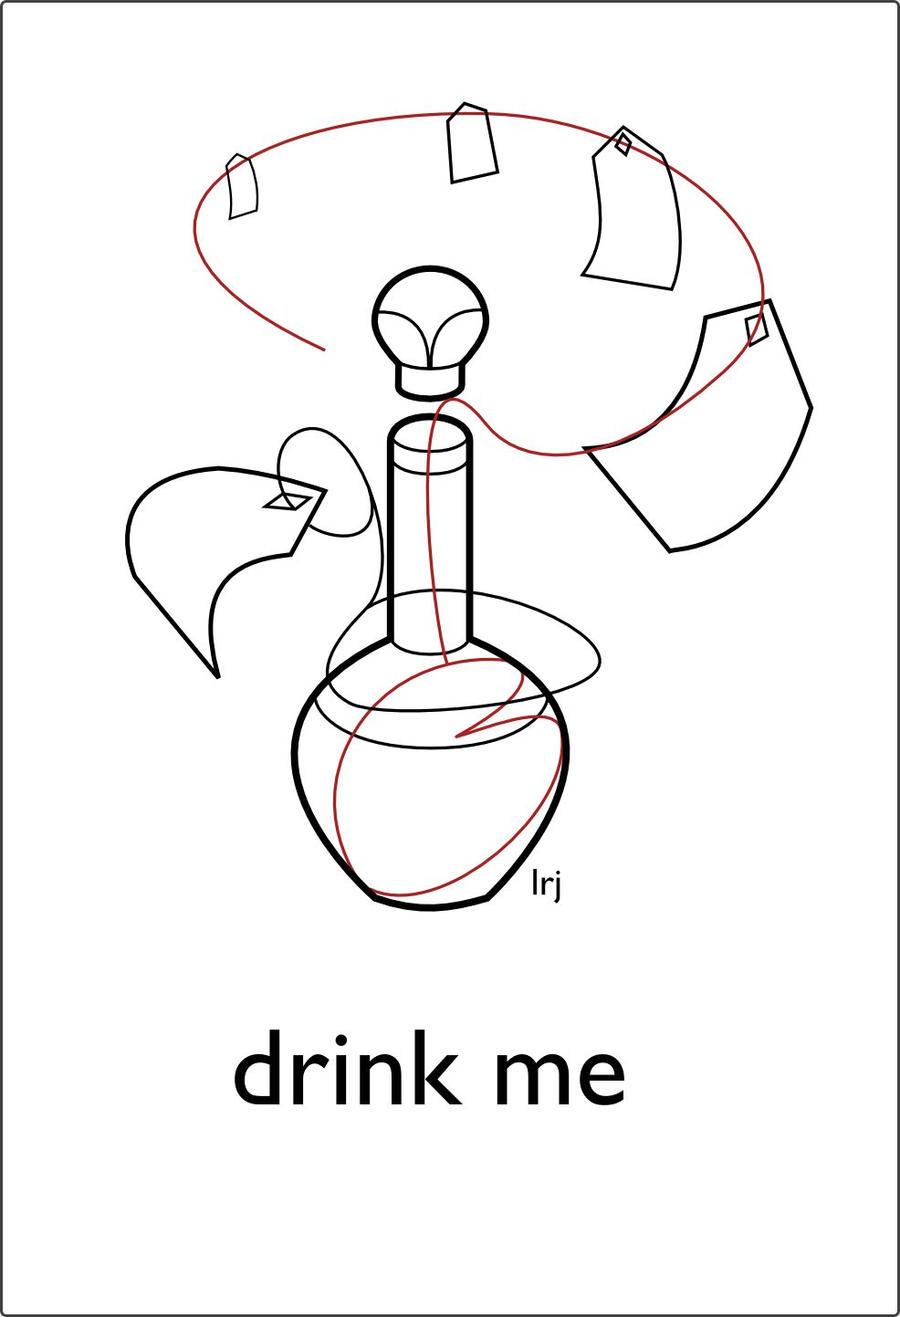 drink me by Leerjones